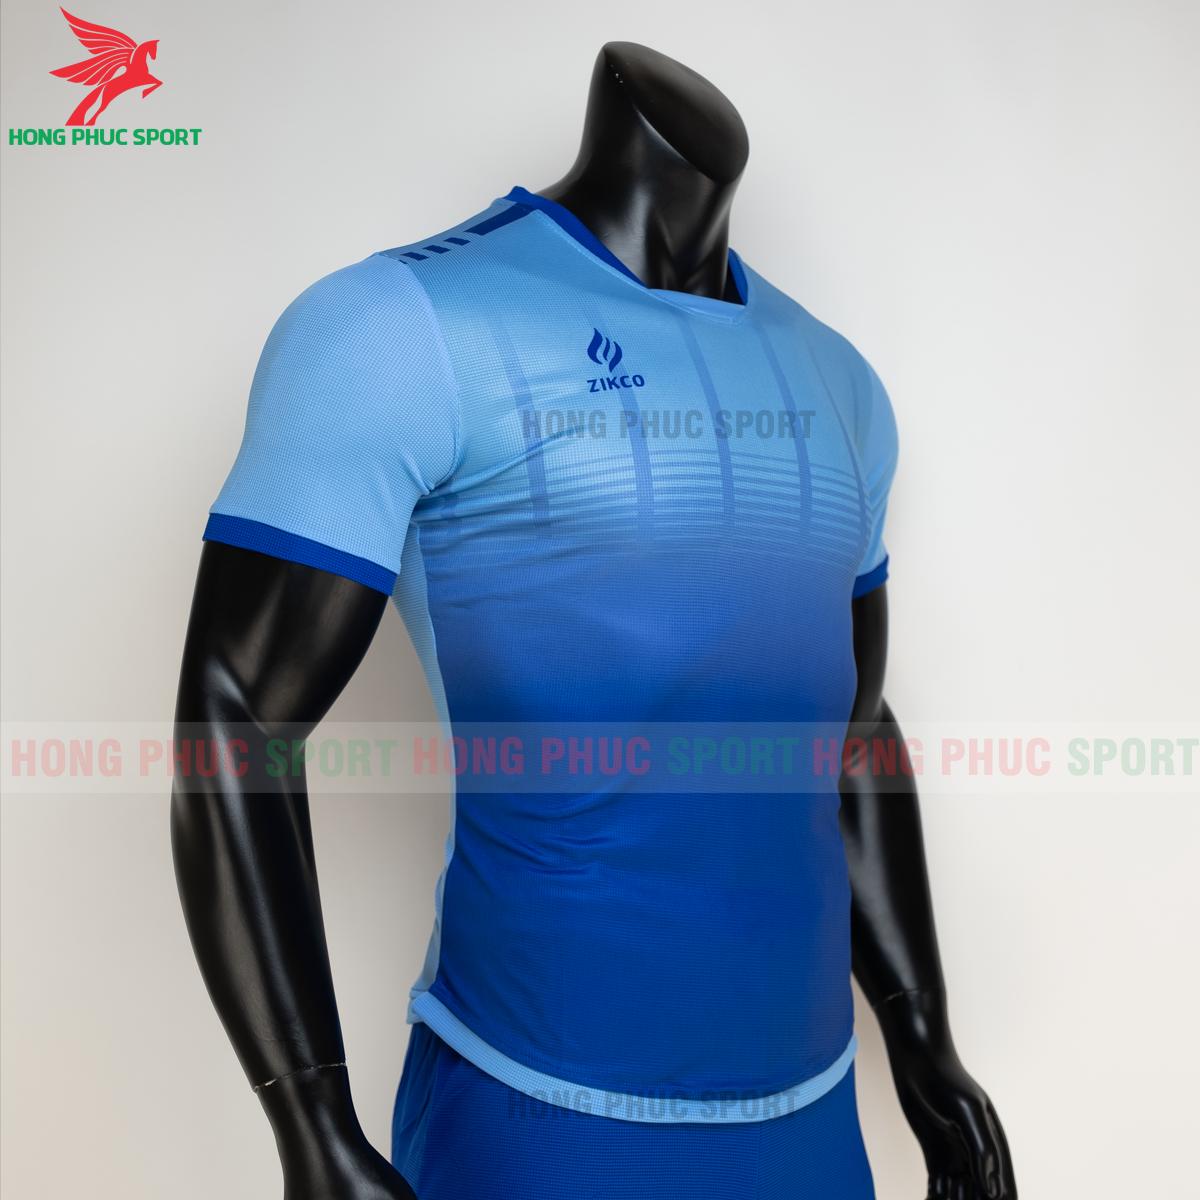 https://cdn.hongphucsport.com/unsafe/s4.shopbay.vn/files/285/ao-bong-da-khong-logo-zikco-z01-mau-xanh-duong-6-60502811cd43b.png